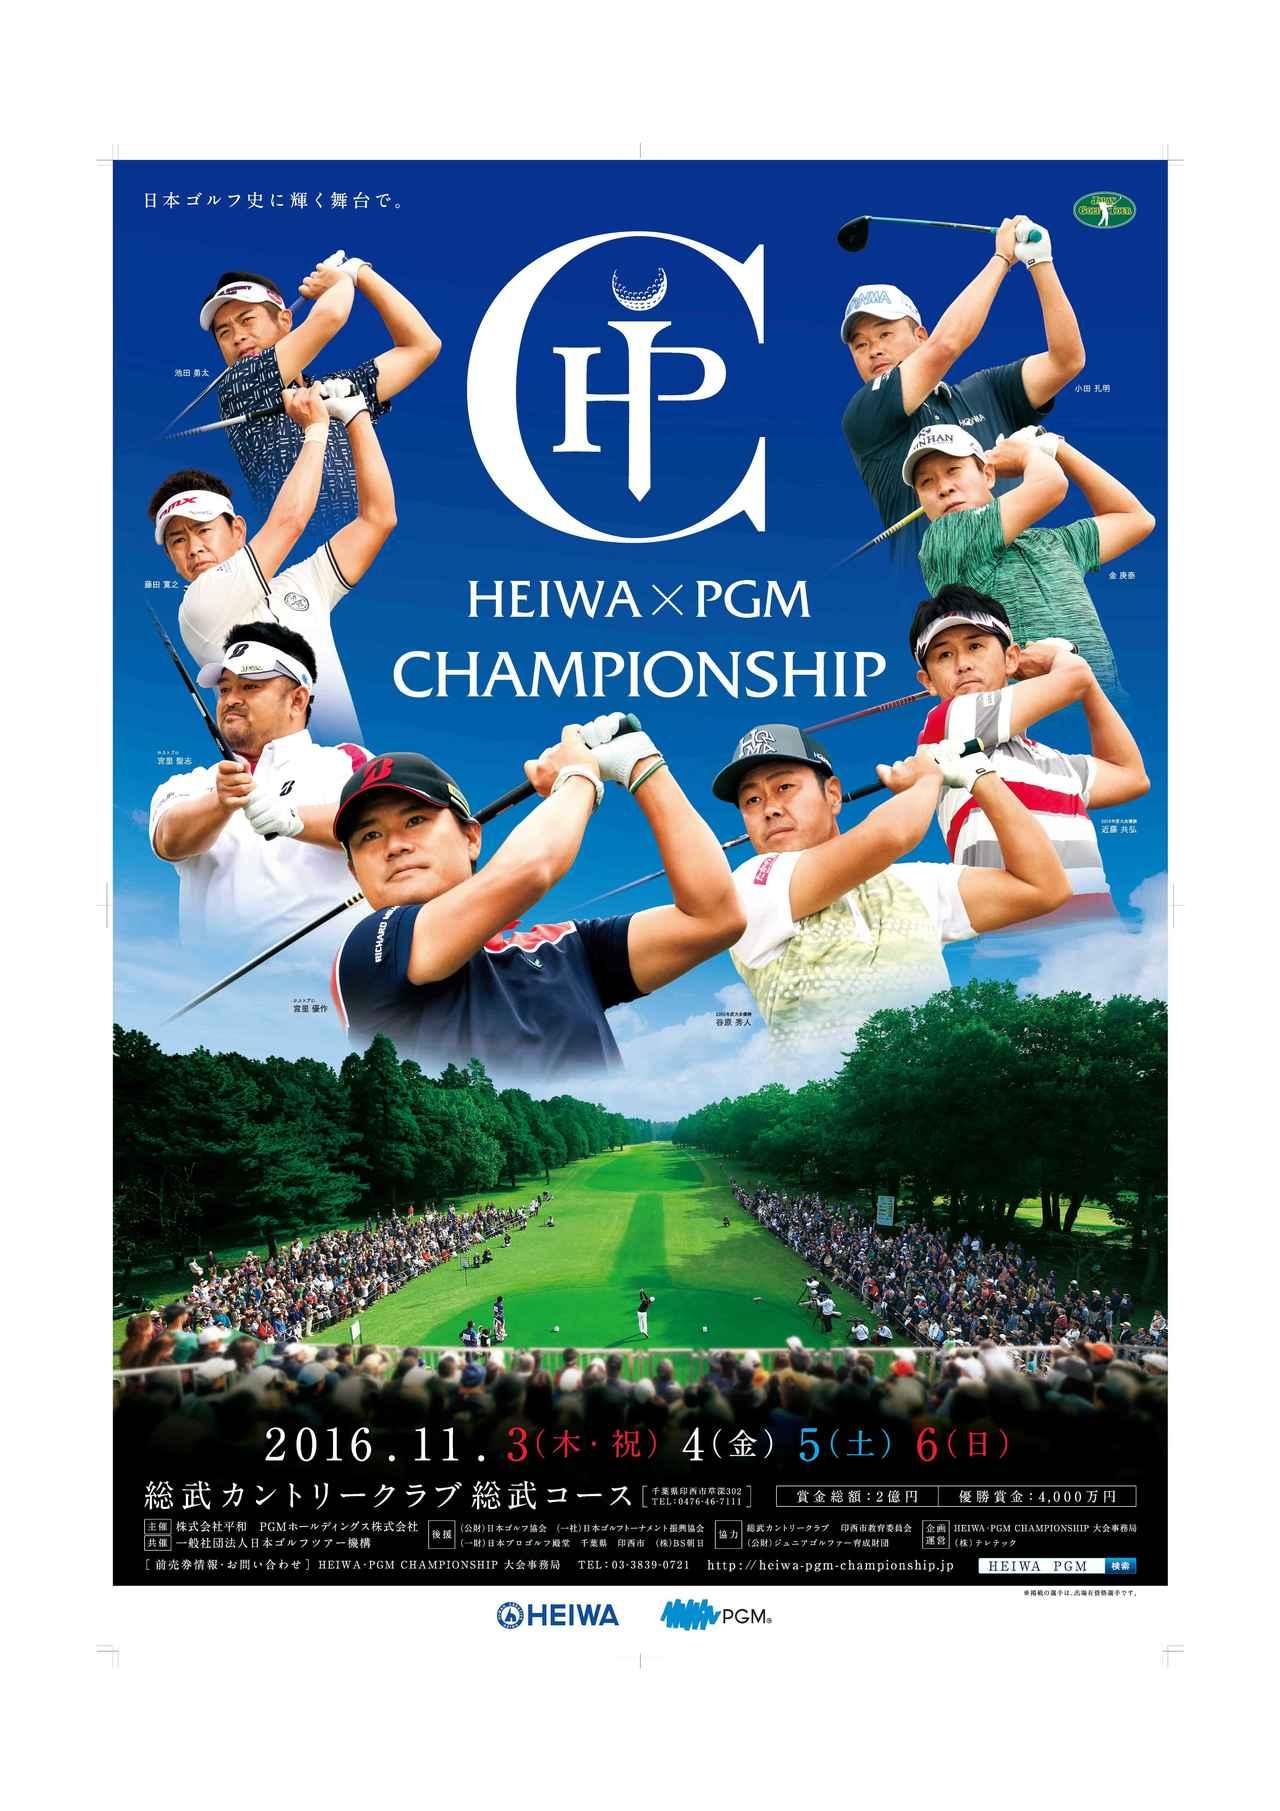 画像: 【観戦チケットプレゼント】HEIWA・PGMチャンピオンシップ10組20名様ご招待! - みんなのゴルフダイジェスト